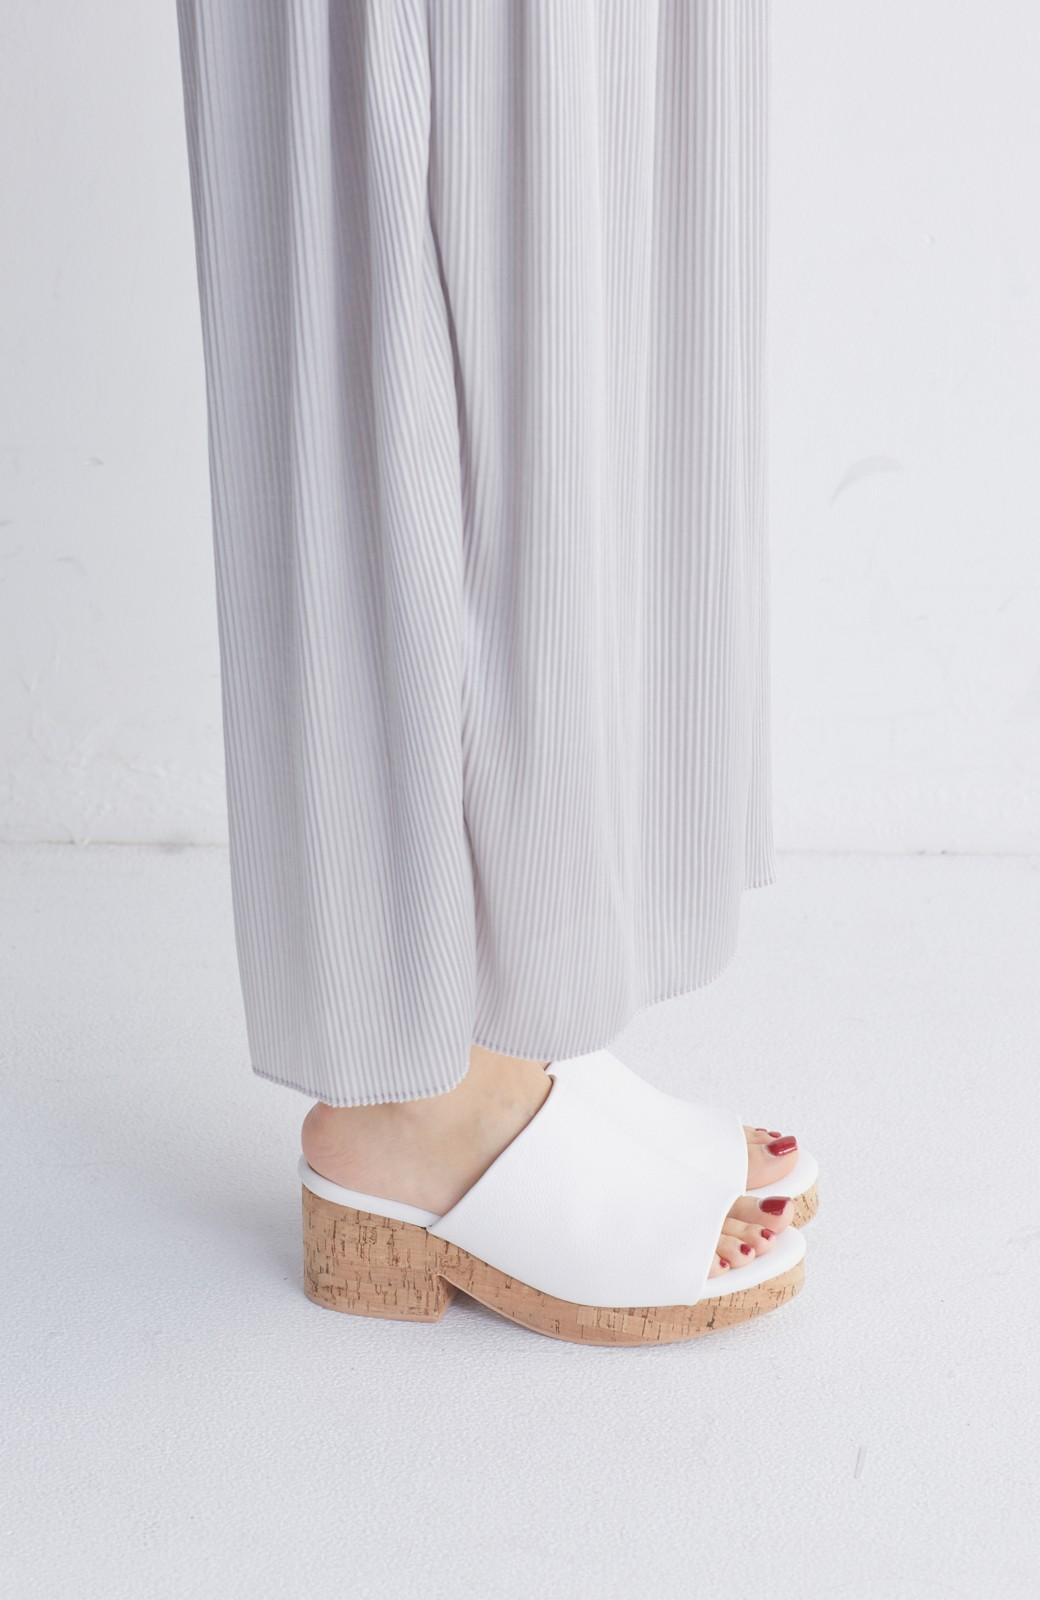 nusy 低&高反発で歩きやすい サボみたいにすぽっとはけるオープントゥサンダル <ホワイト>の商品写真3